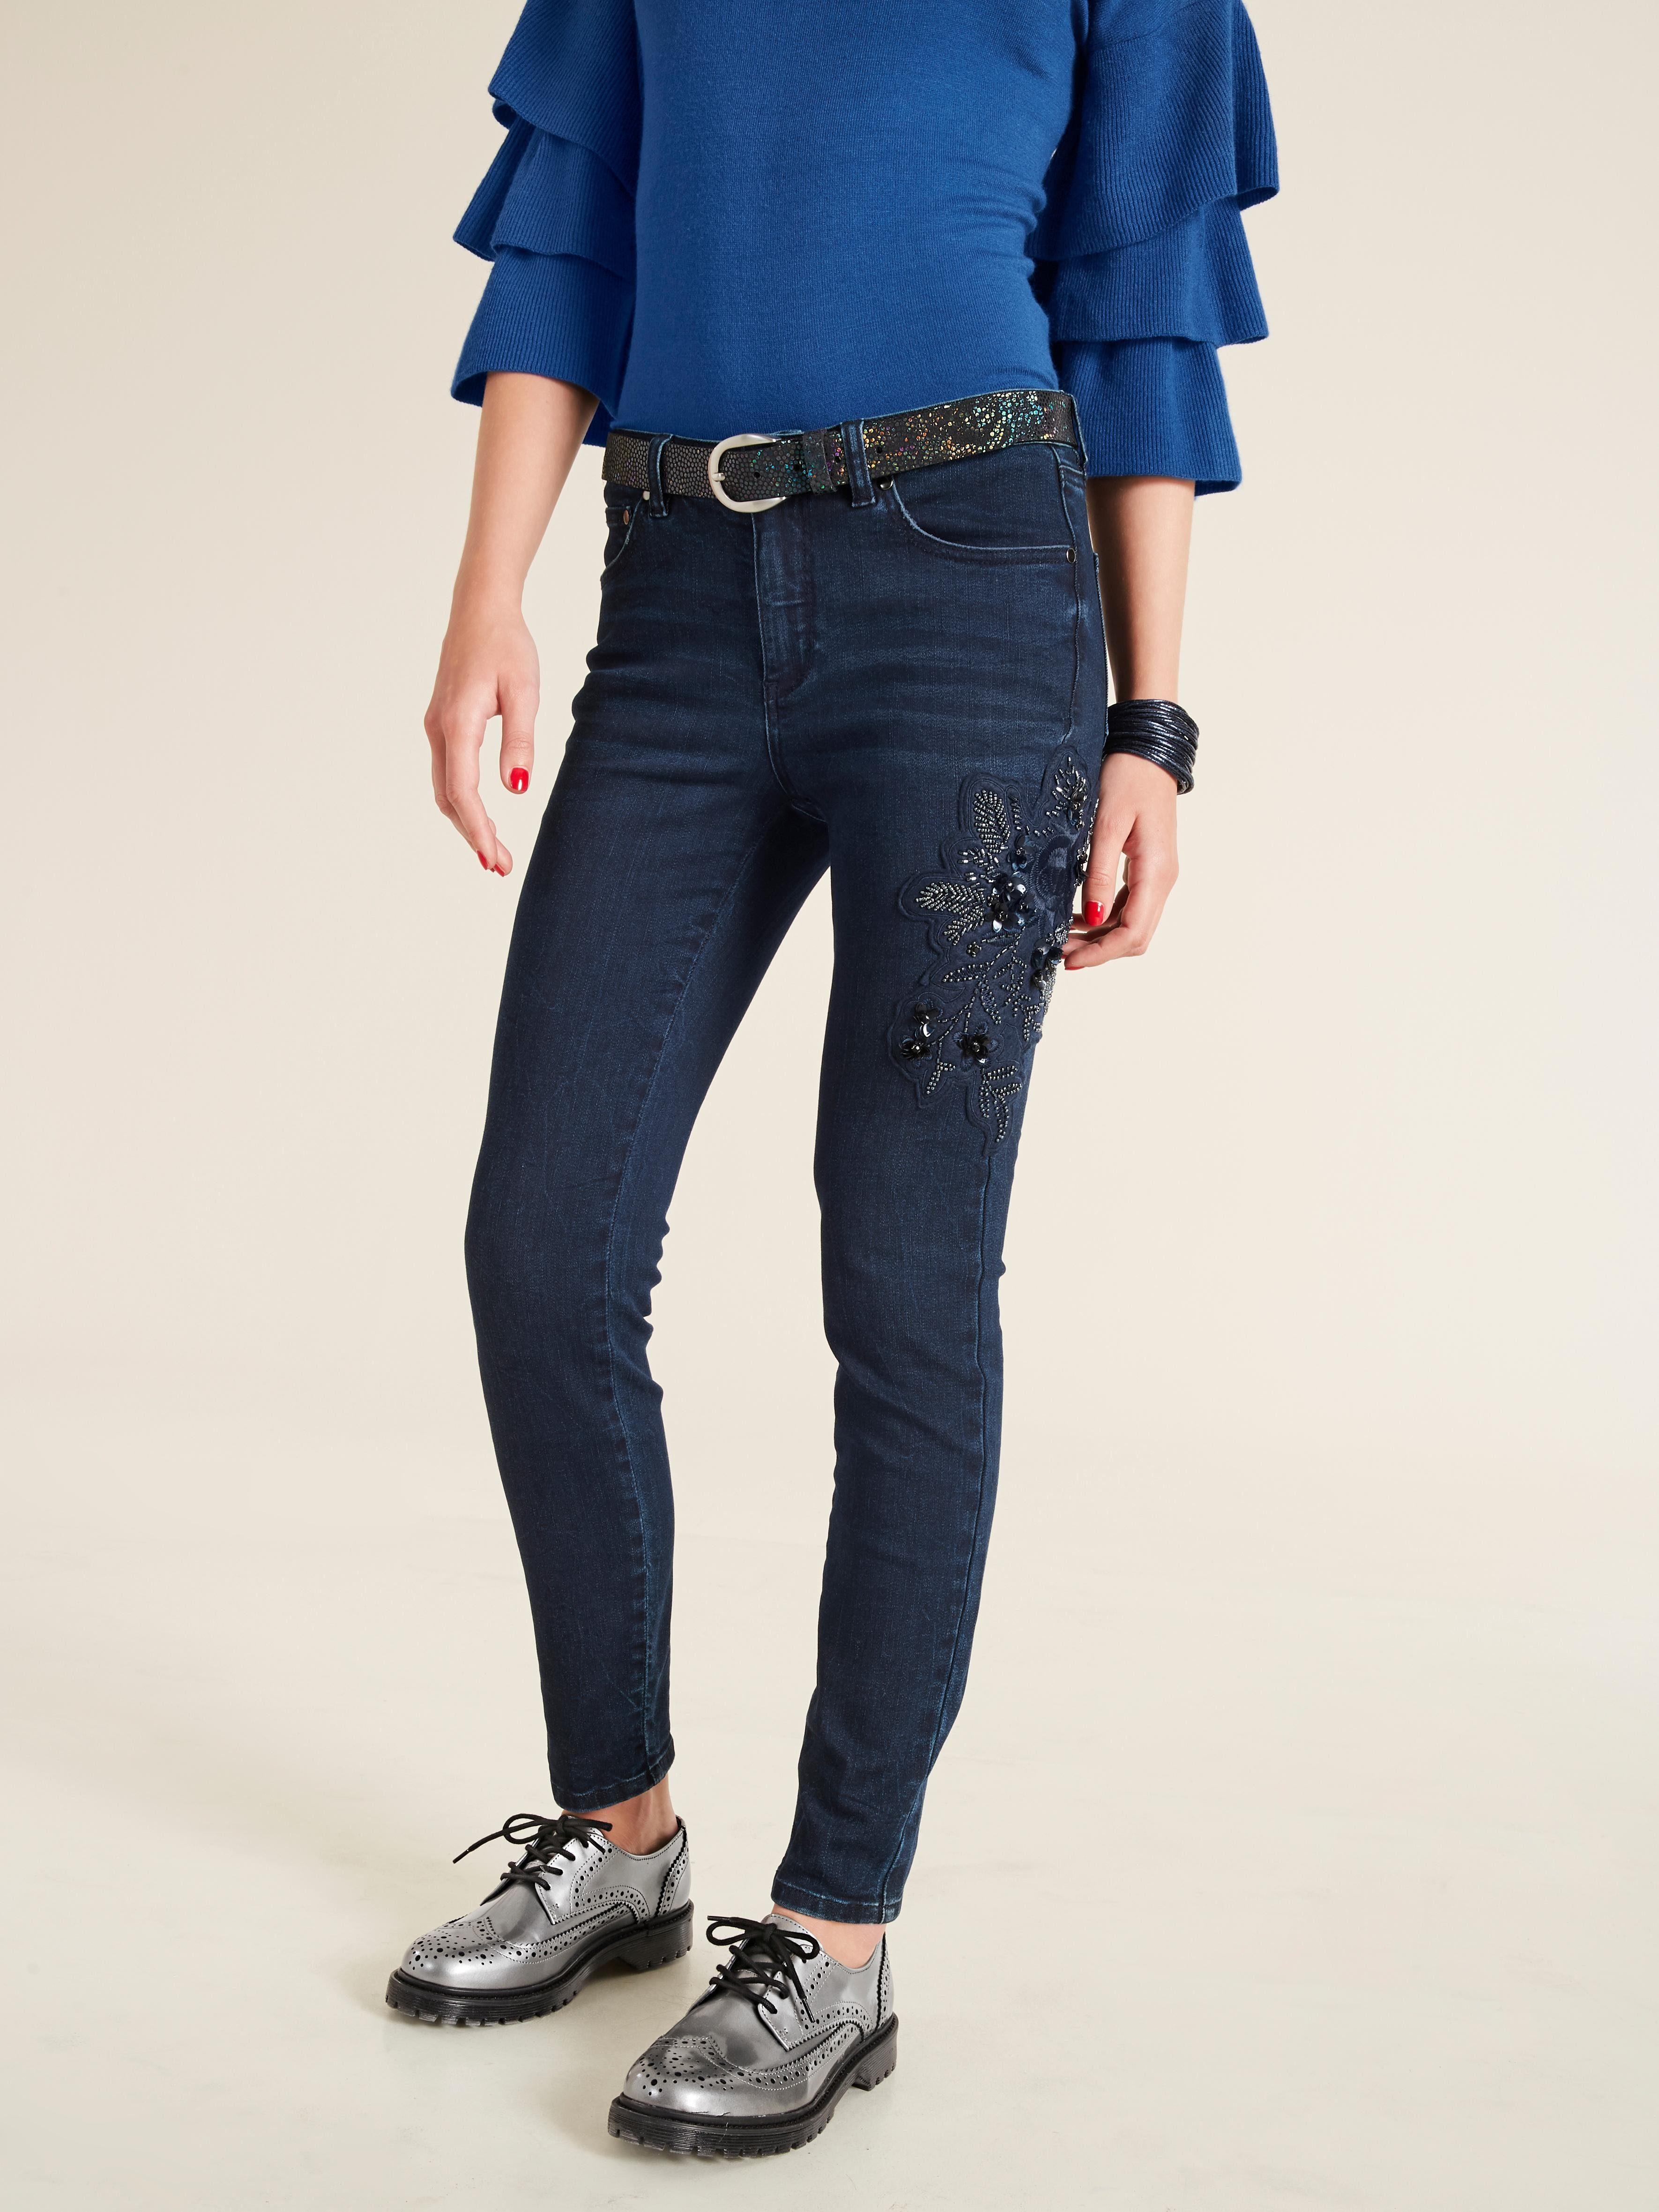 heine STYLE Jeans Mit modischer Applikation